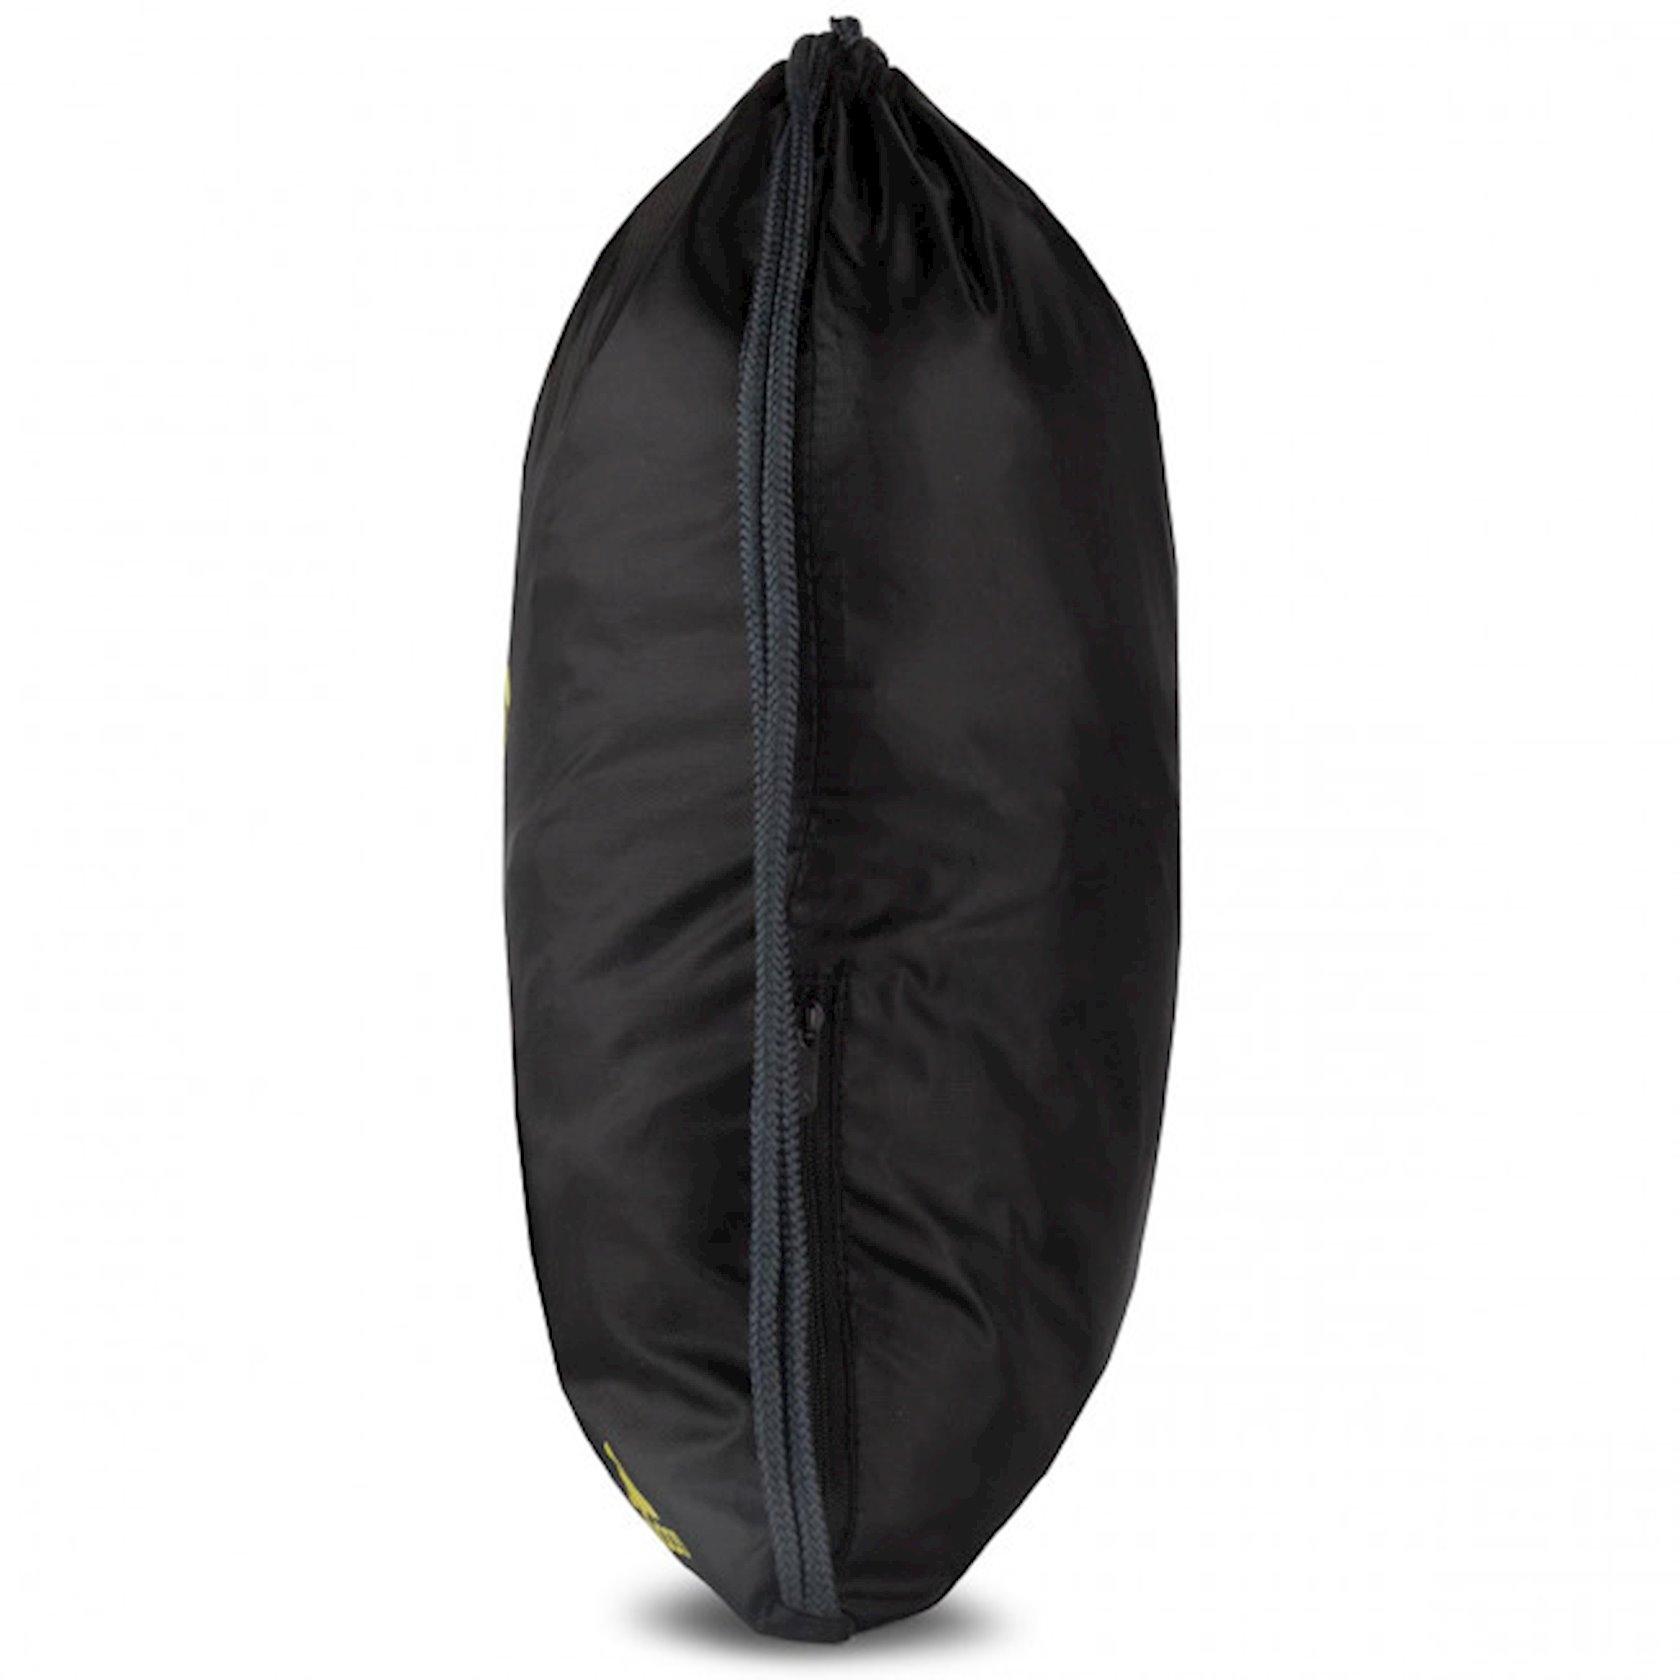 Ayaqqabılar üçün torba ADIDAS MAN UTD DY7689 GYMSACK, Uniseks, Polyester, Qara